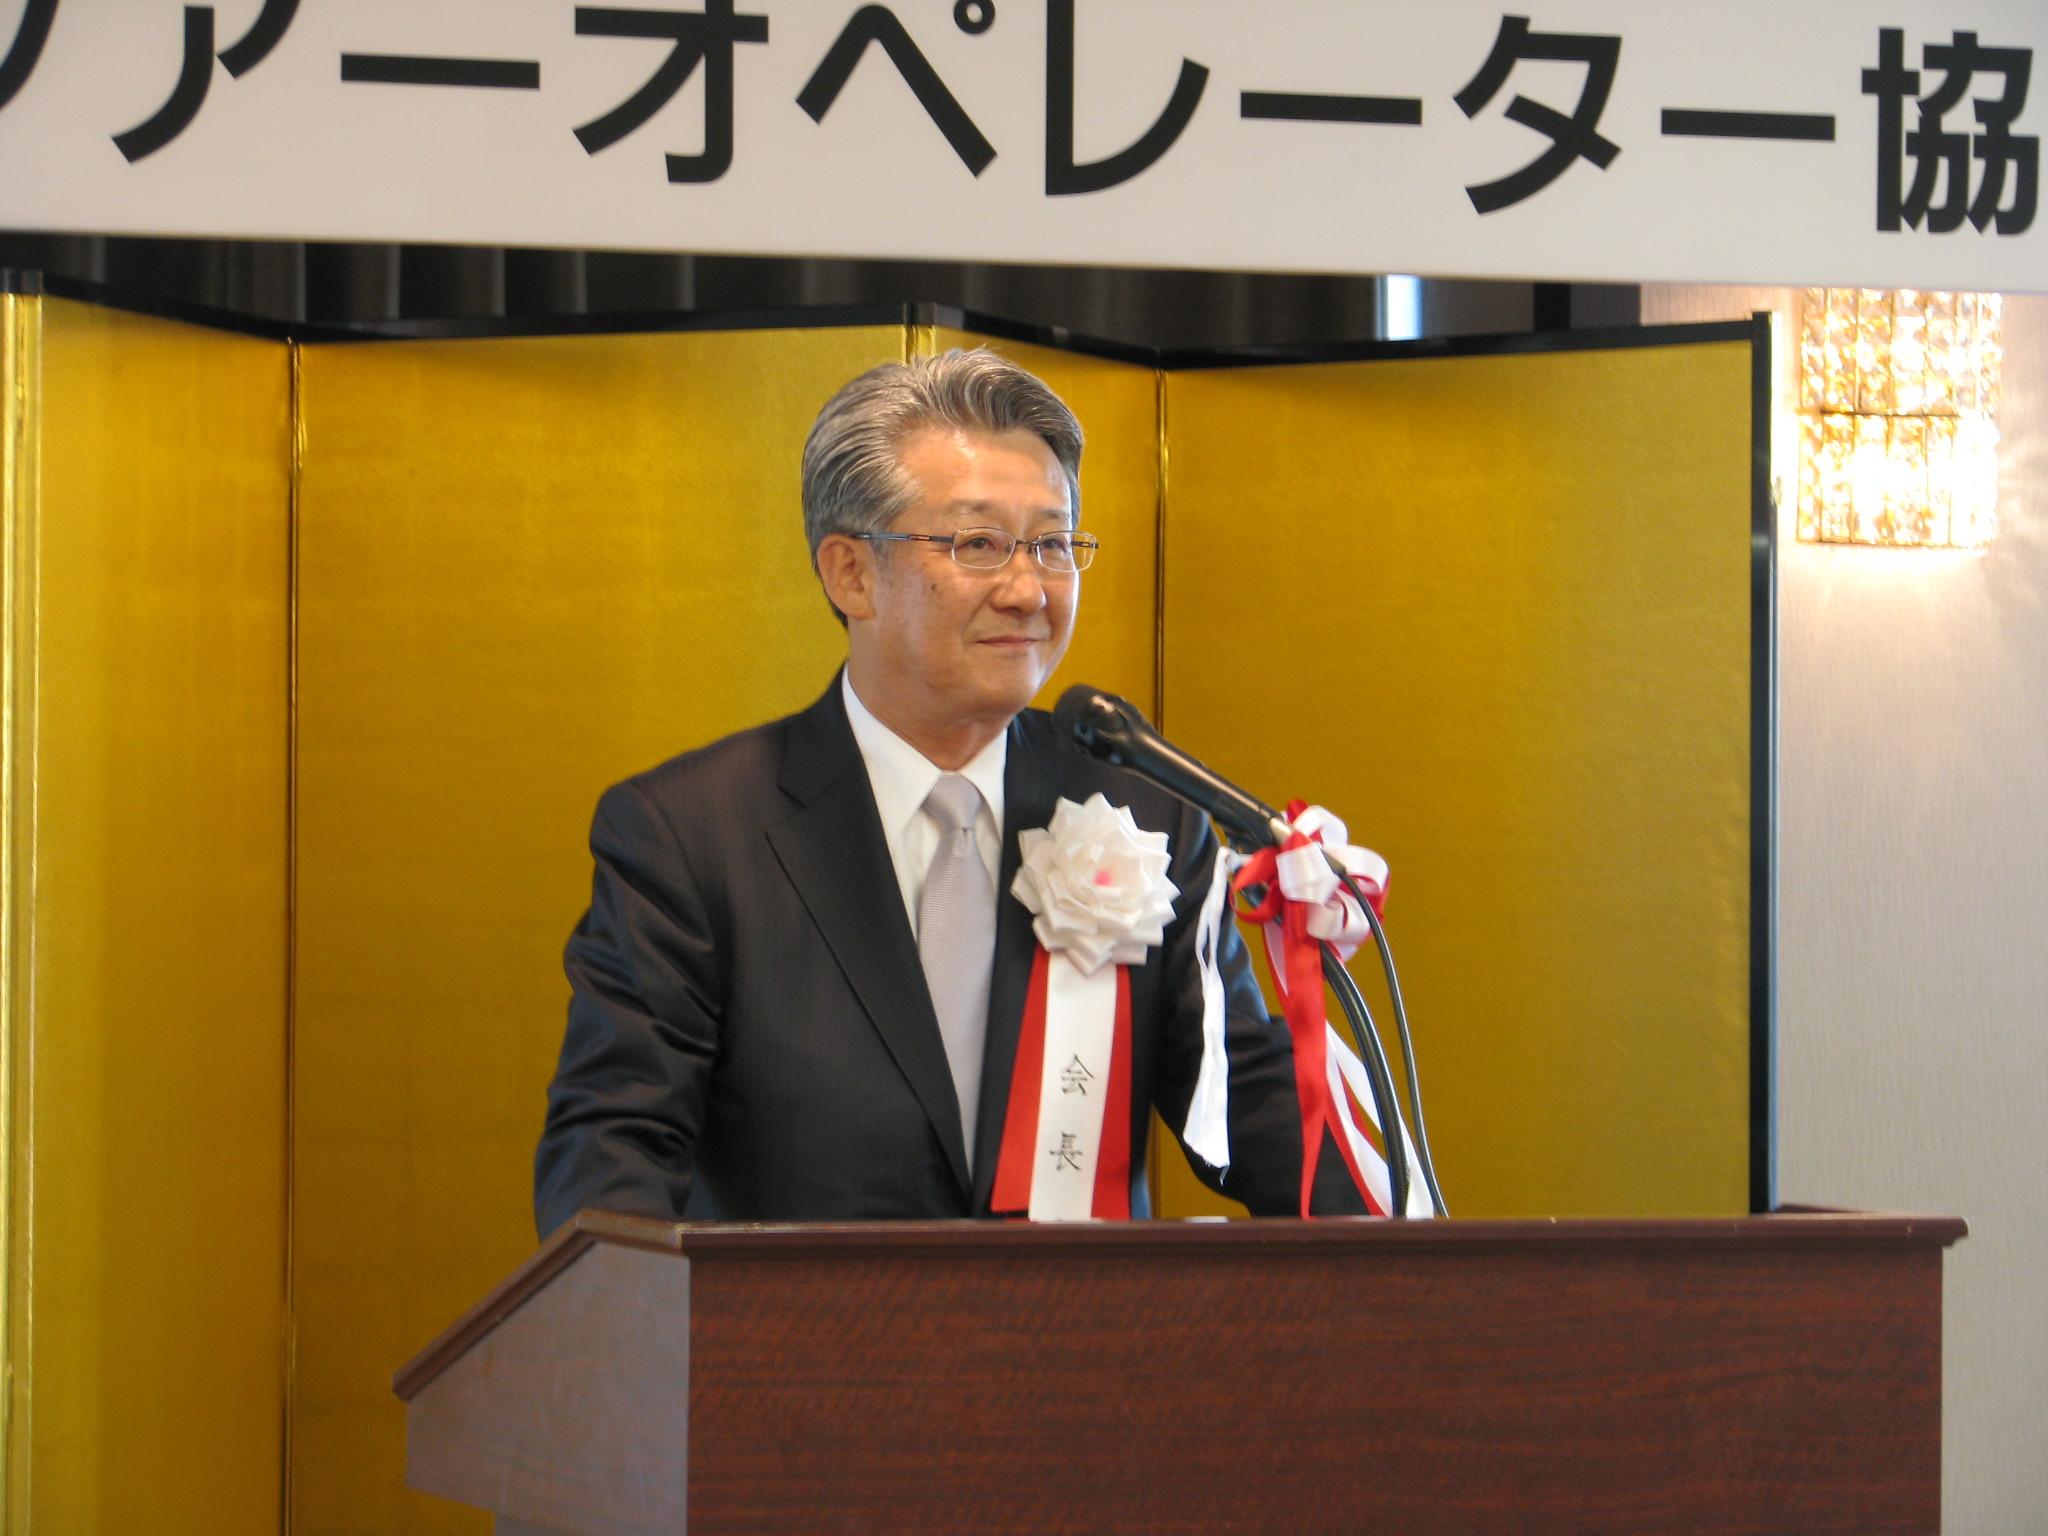 海外への修学旅行に「国の支援」を提言、若者の国際感覚を育て双方向の観光推進へ -日本海外ツアーオペレーター協会